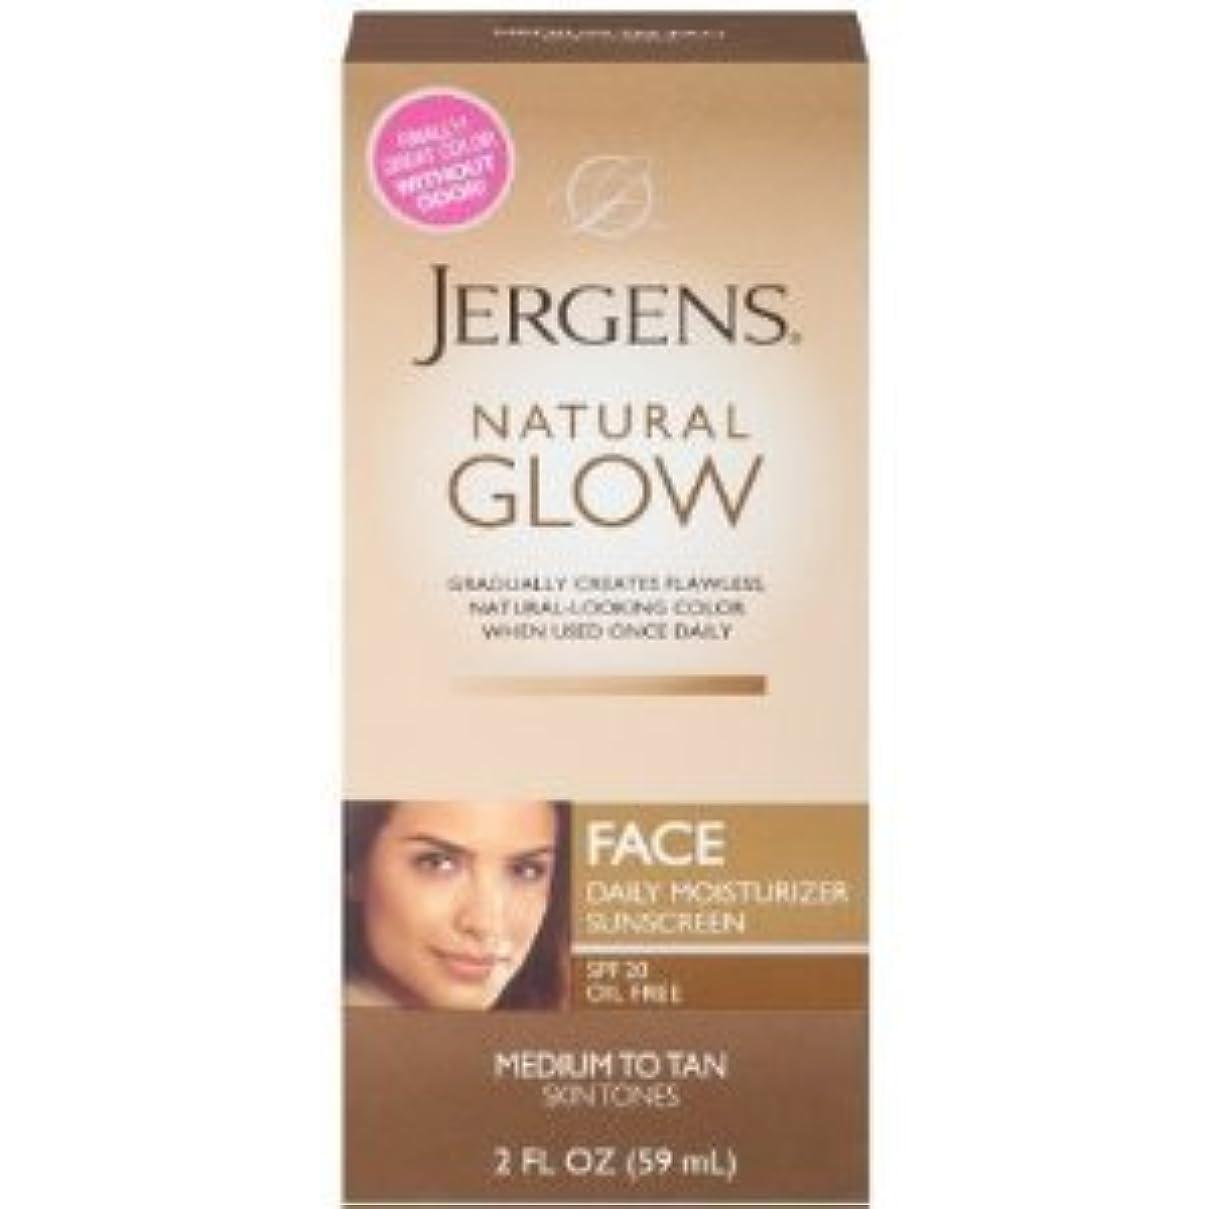 肉屋運河きしむNatural Glow Healthy Complexion Daily Facial Moisturizer, SPF 20, Medium to Tan, (59ml) (海外直送品)